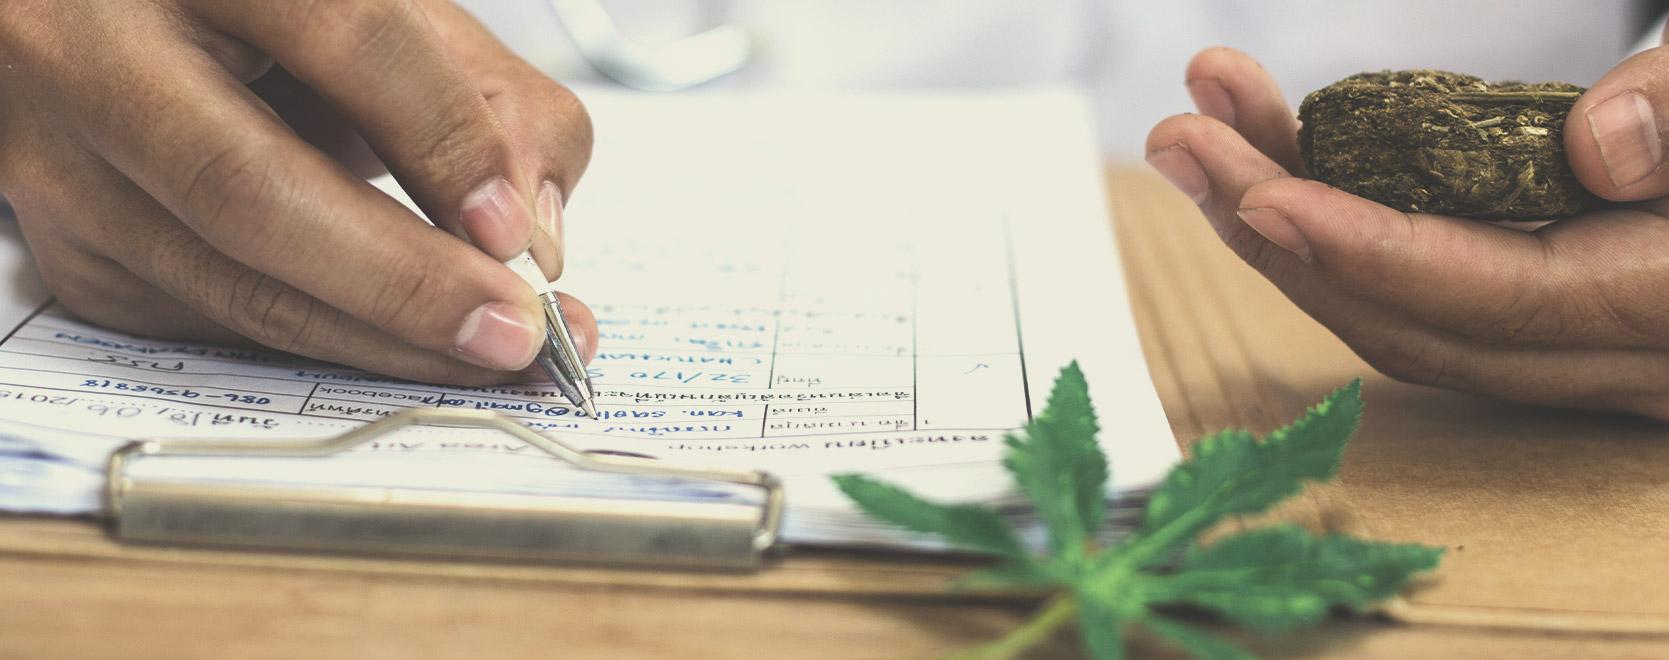 L'importance de la teneur en THC pour les cultivateurs et les consommateurs